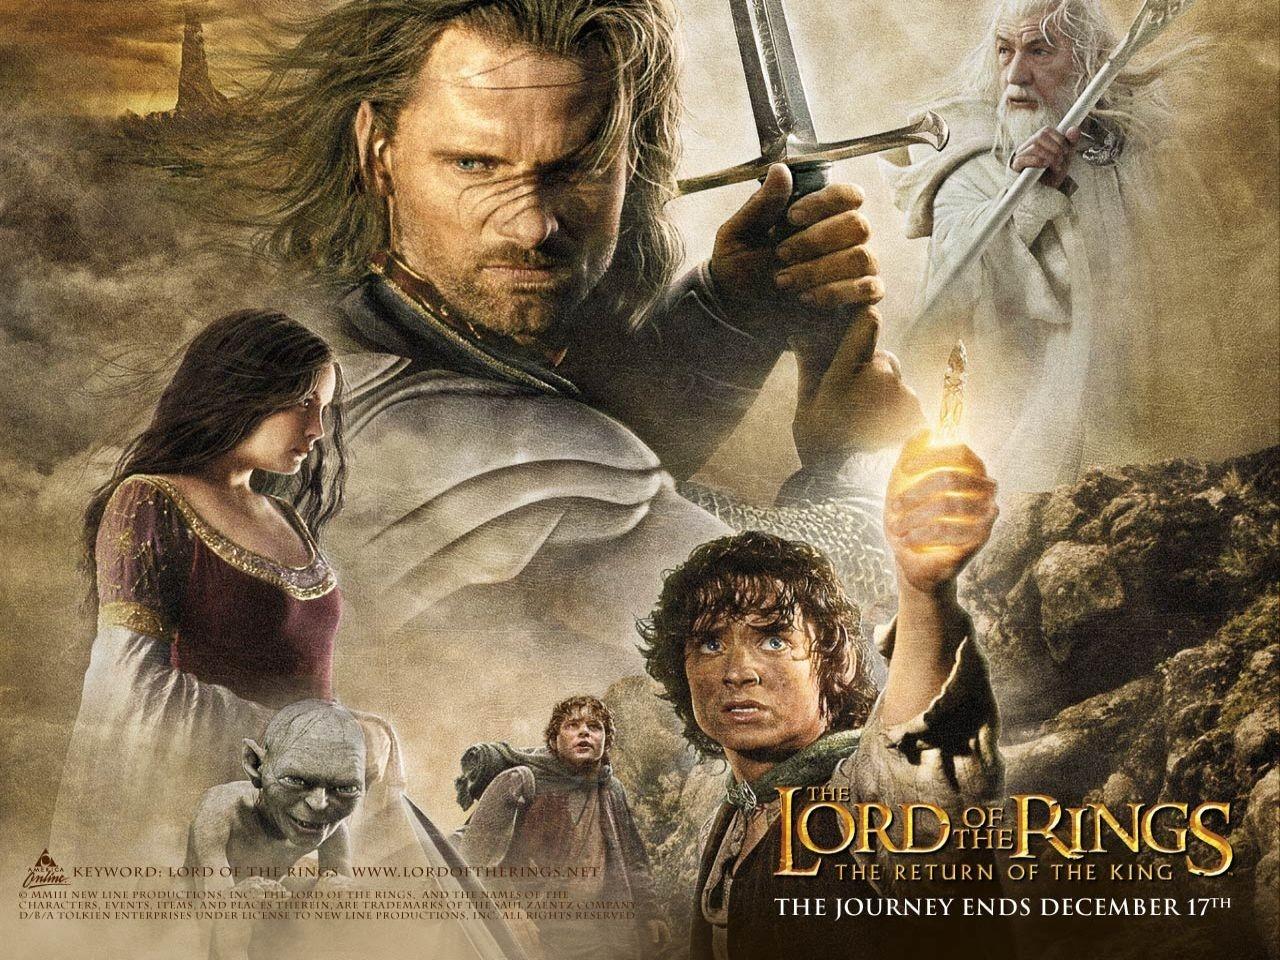 Wallpaper del film Il signore degli anelli - Il ritorno del re con Aragorn